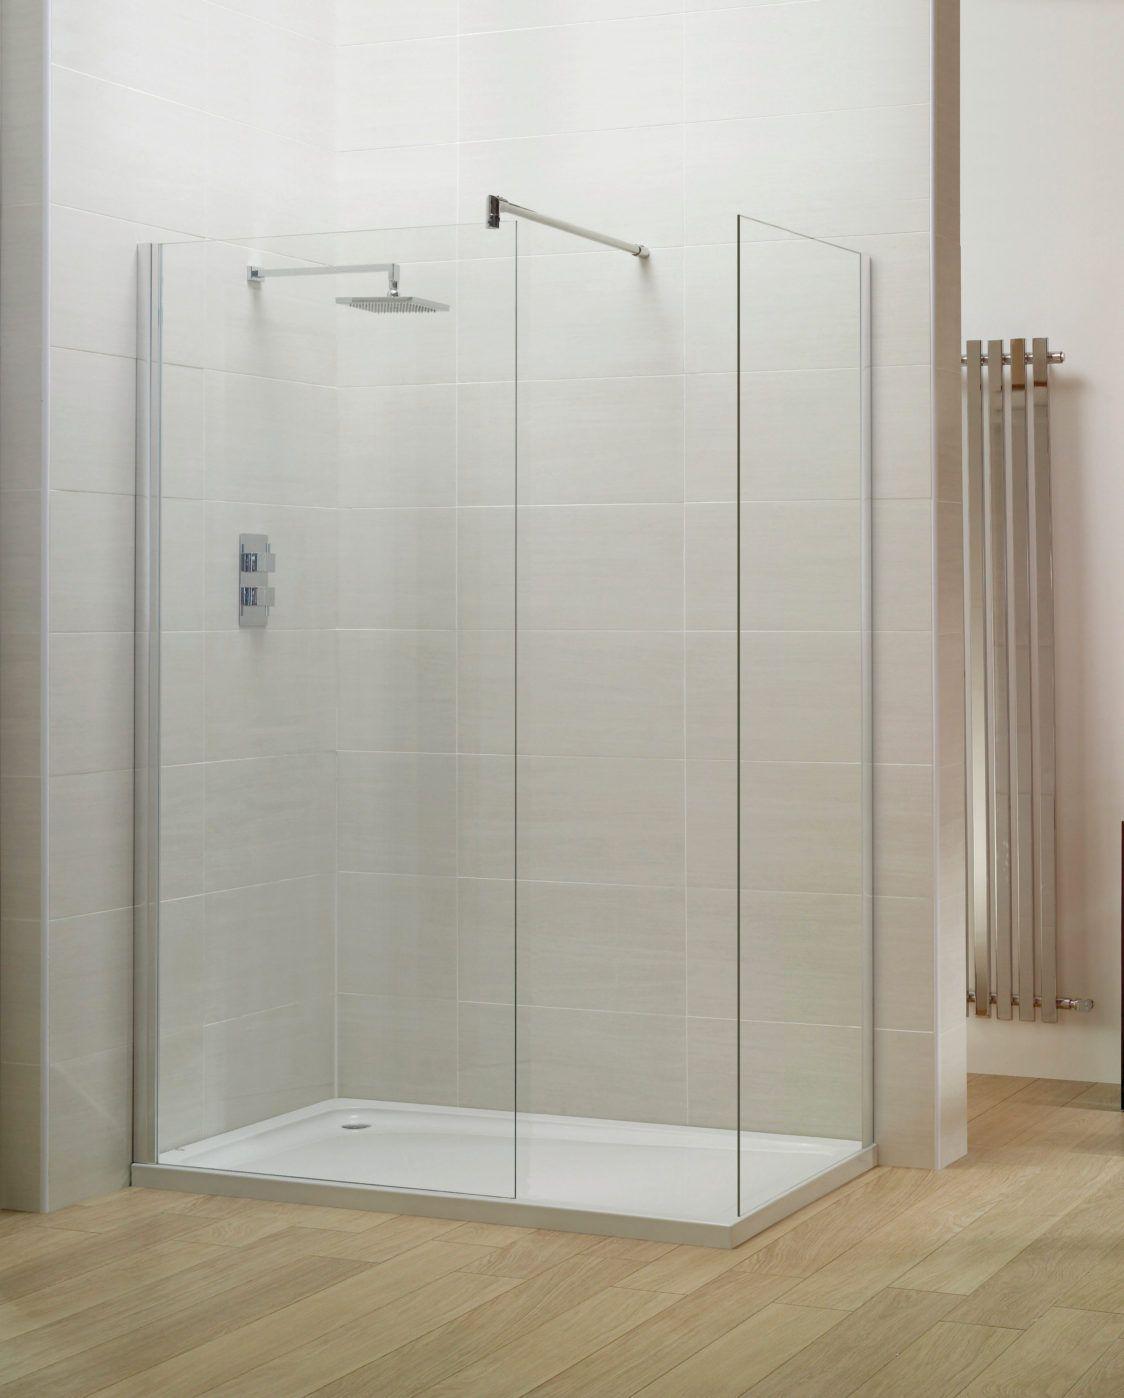 Wet Room Screen 700mm Wet Room Screens Shower Enclosure Wet Rooms